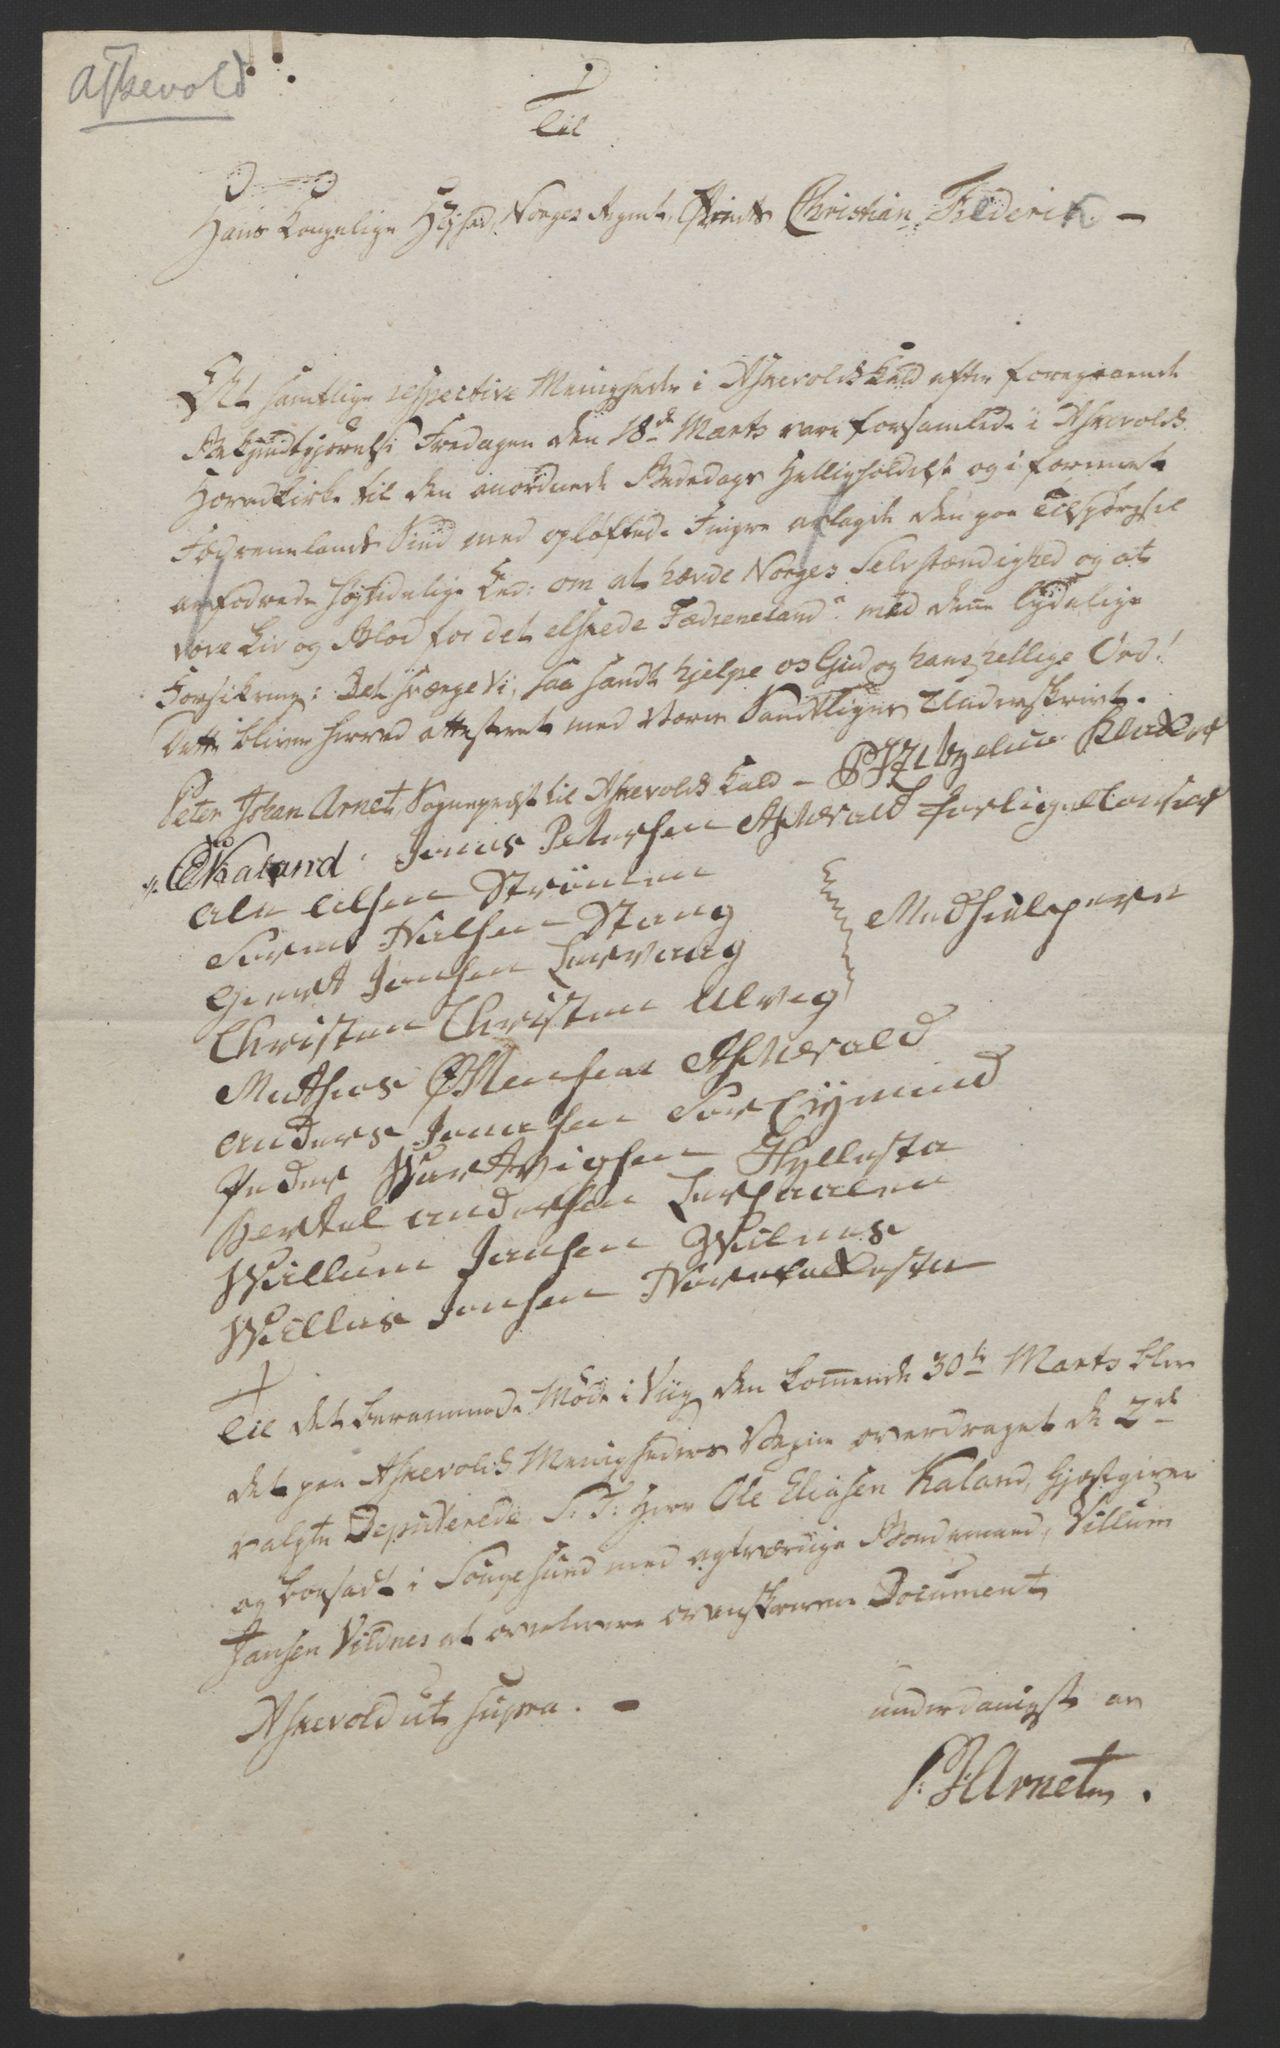 RA, Statsrådssekretariatet, D/Db/L0008: Fullmakter for Eidsvollsrepresentantene i 1814. , 1814, s. 310